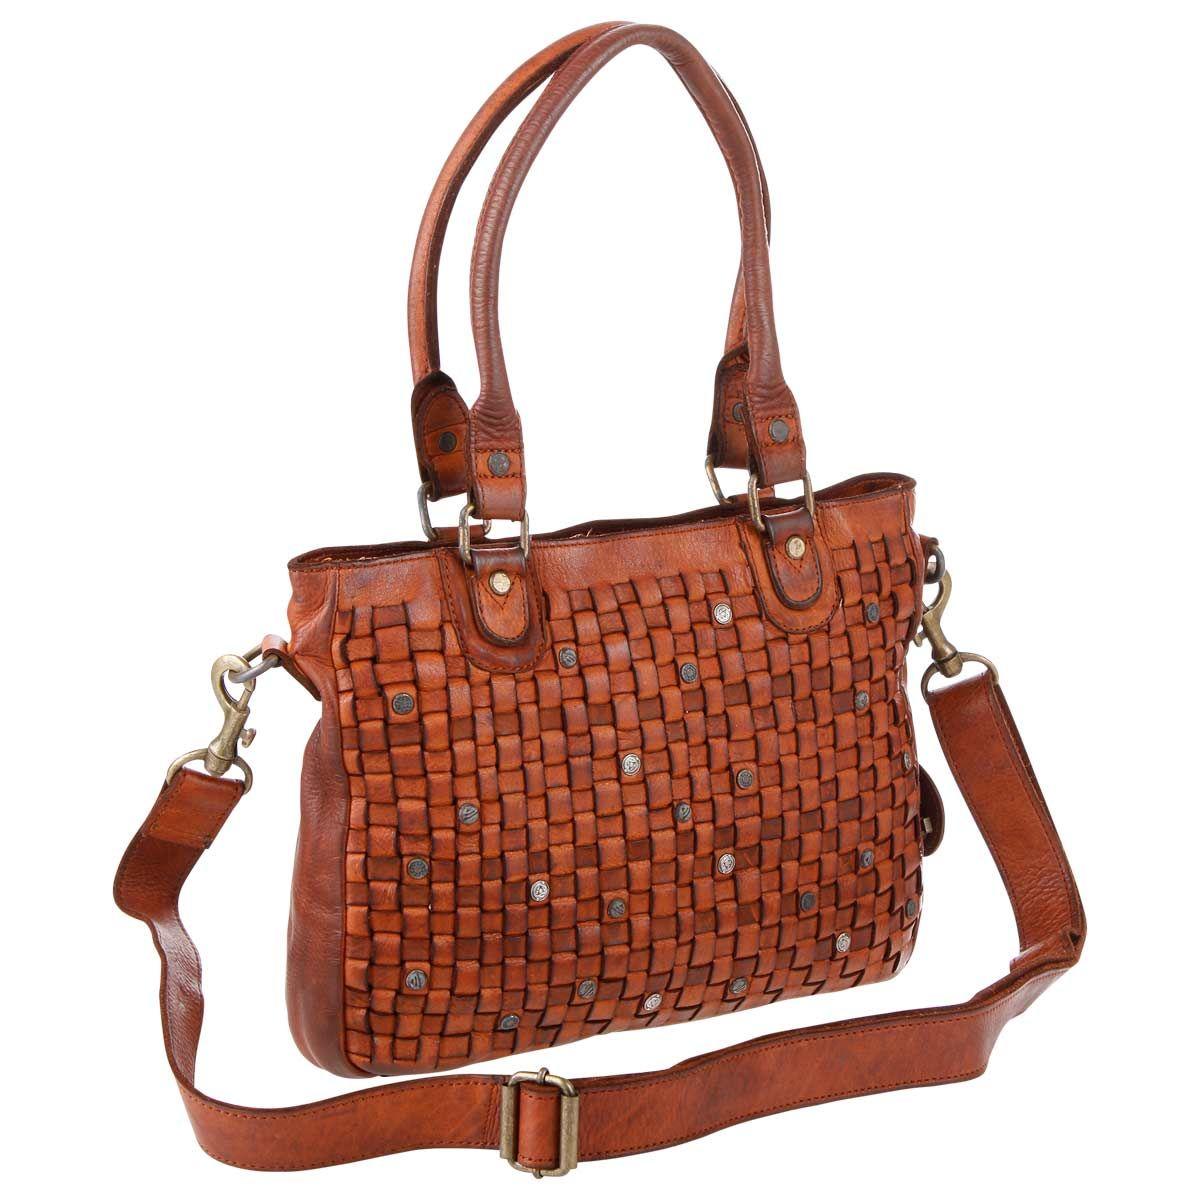 Harbour 2nd Handtasche mit Riemen Ysabel | Handtaschen